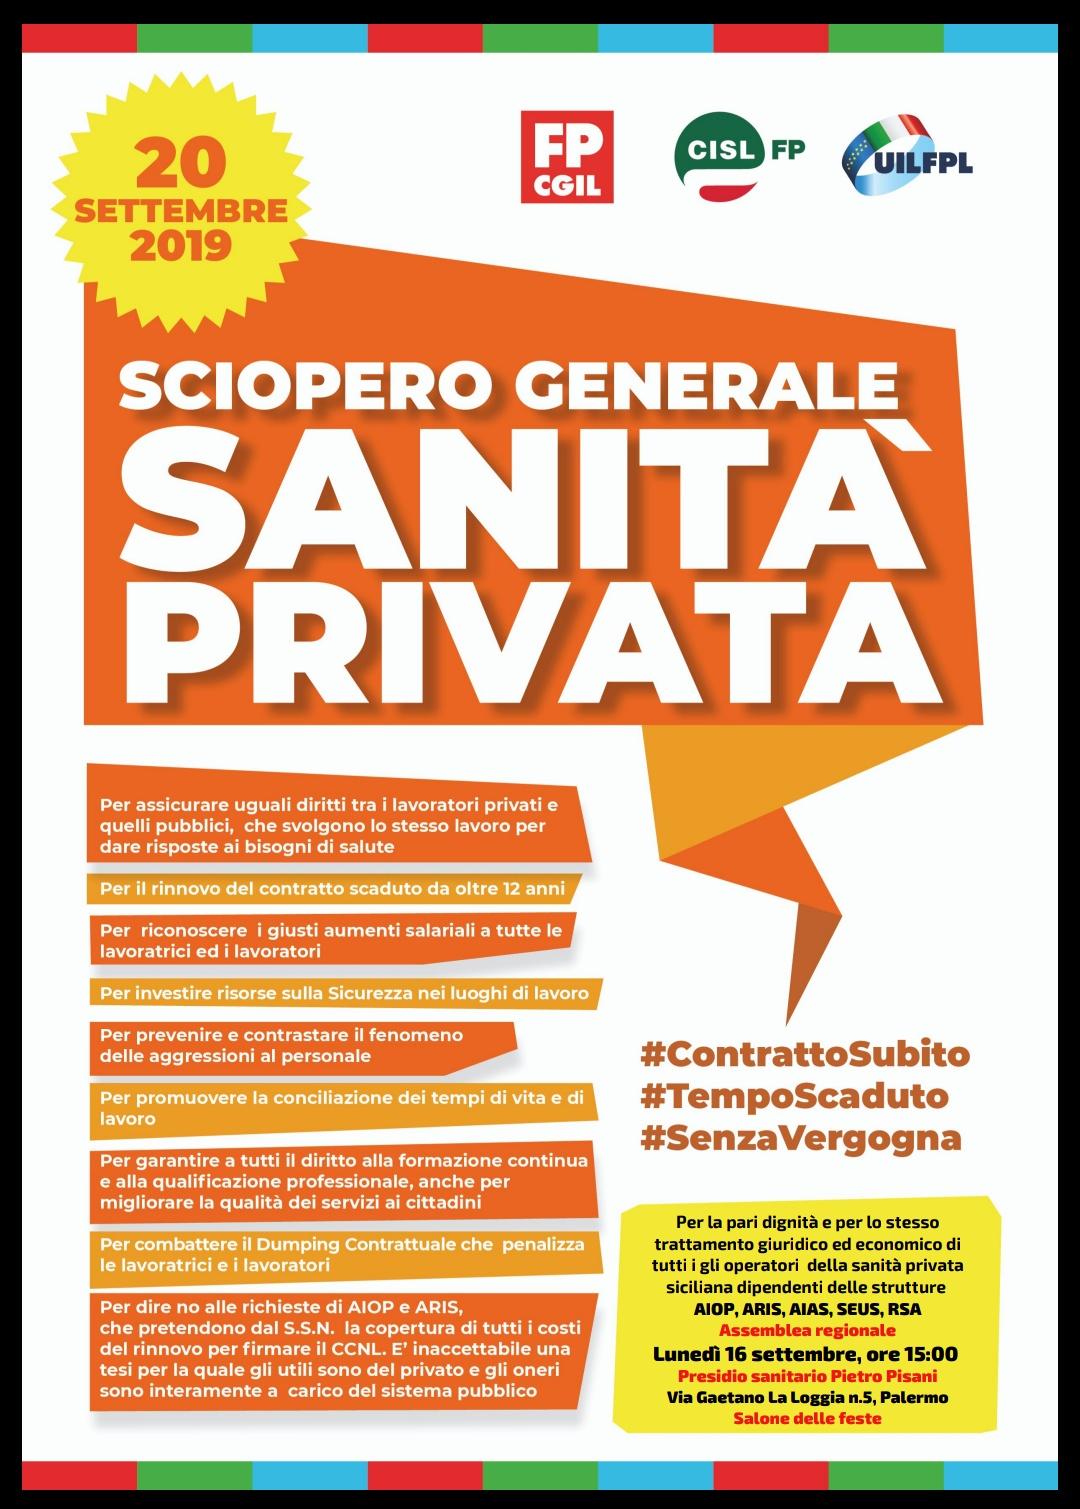 Rinnovo CCNL sanità privata: stallo nella trattativa con Aiop e Aris, domani a Palermo l'attivo unitario regionale in vista dello sciopero nazionale